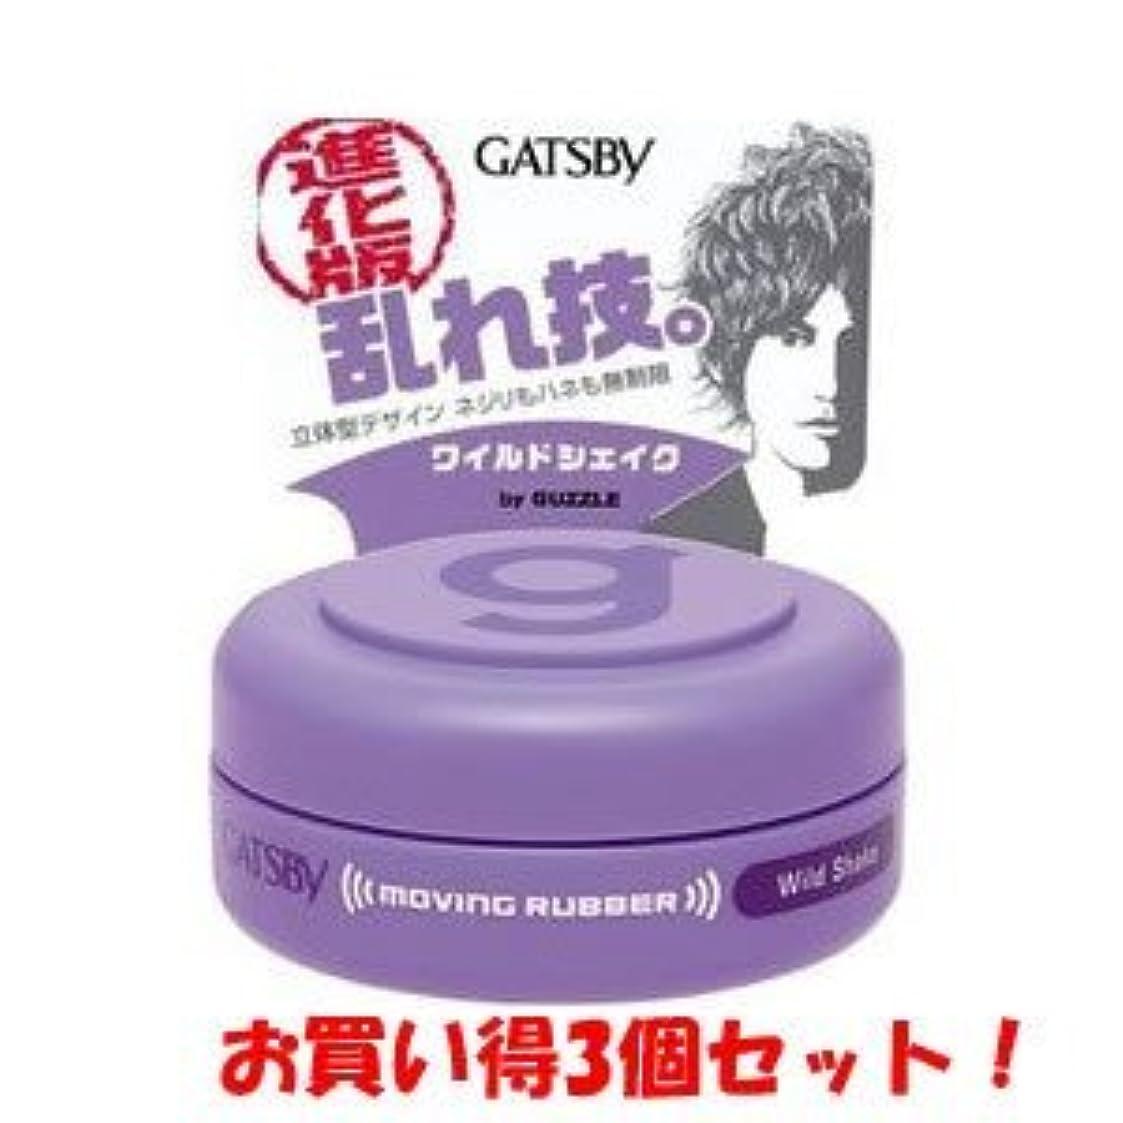 新着時間厳守貝殻ギャツビー【GATSBY】ムービングラバー ワイルドシェイクモバイル 15g(お買い得3個セット)